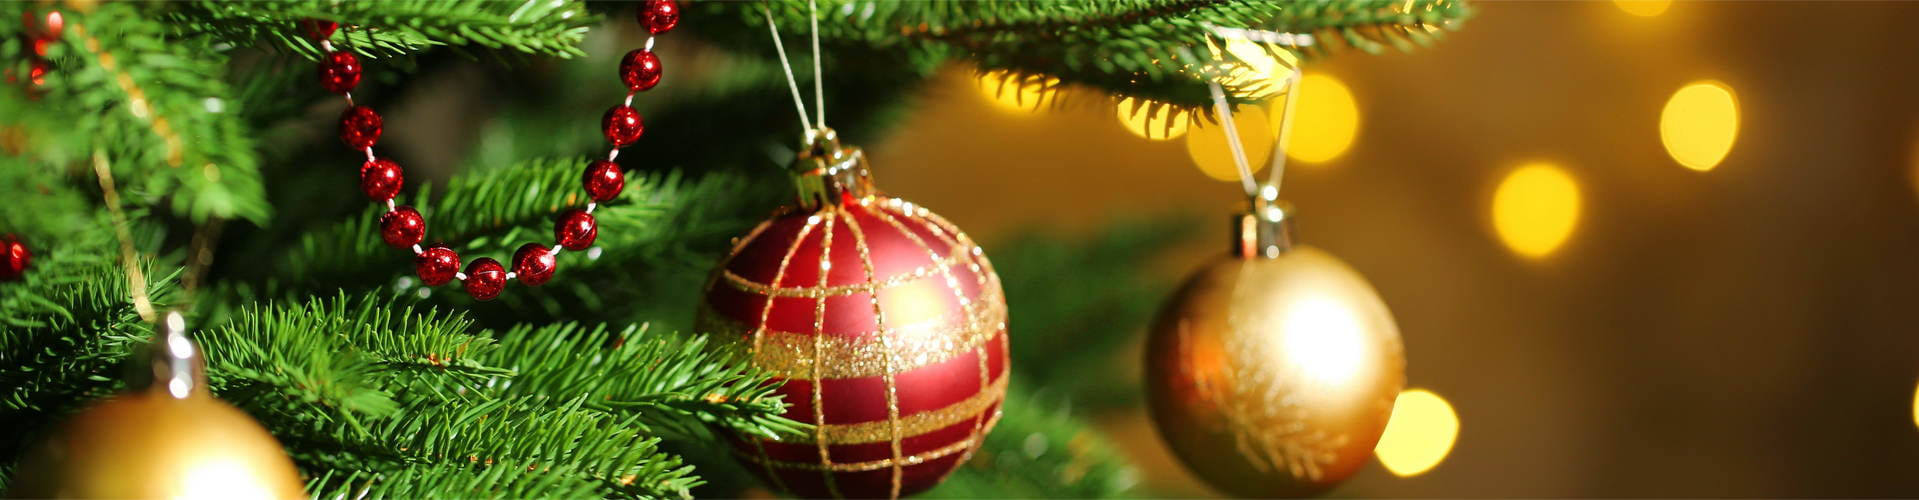 Как хранить новогоднюю елку  Как хранить новогоднюю елку novogodnyaya elka kak hranit